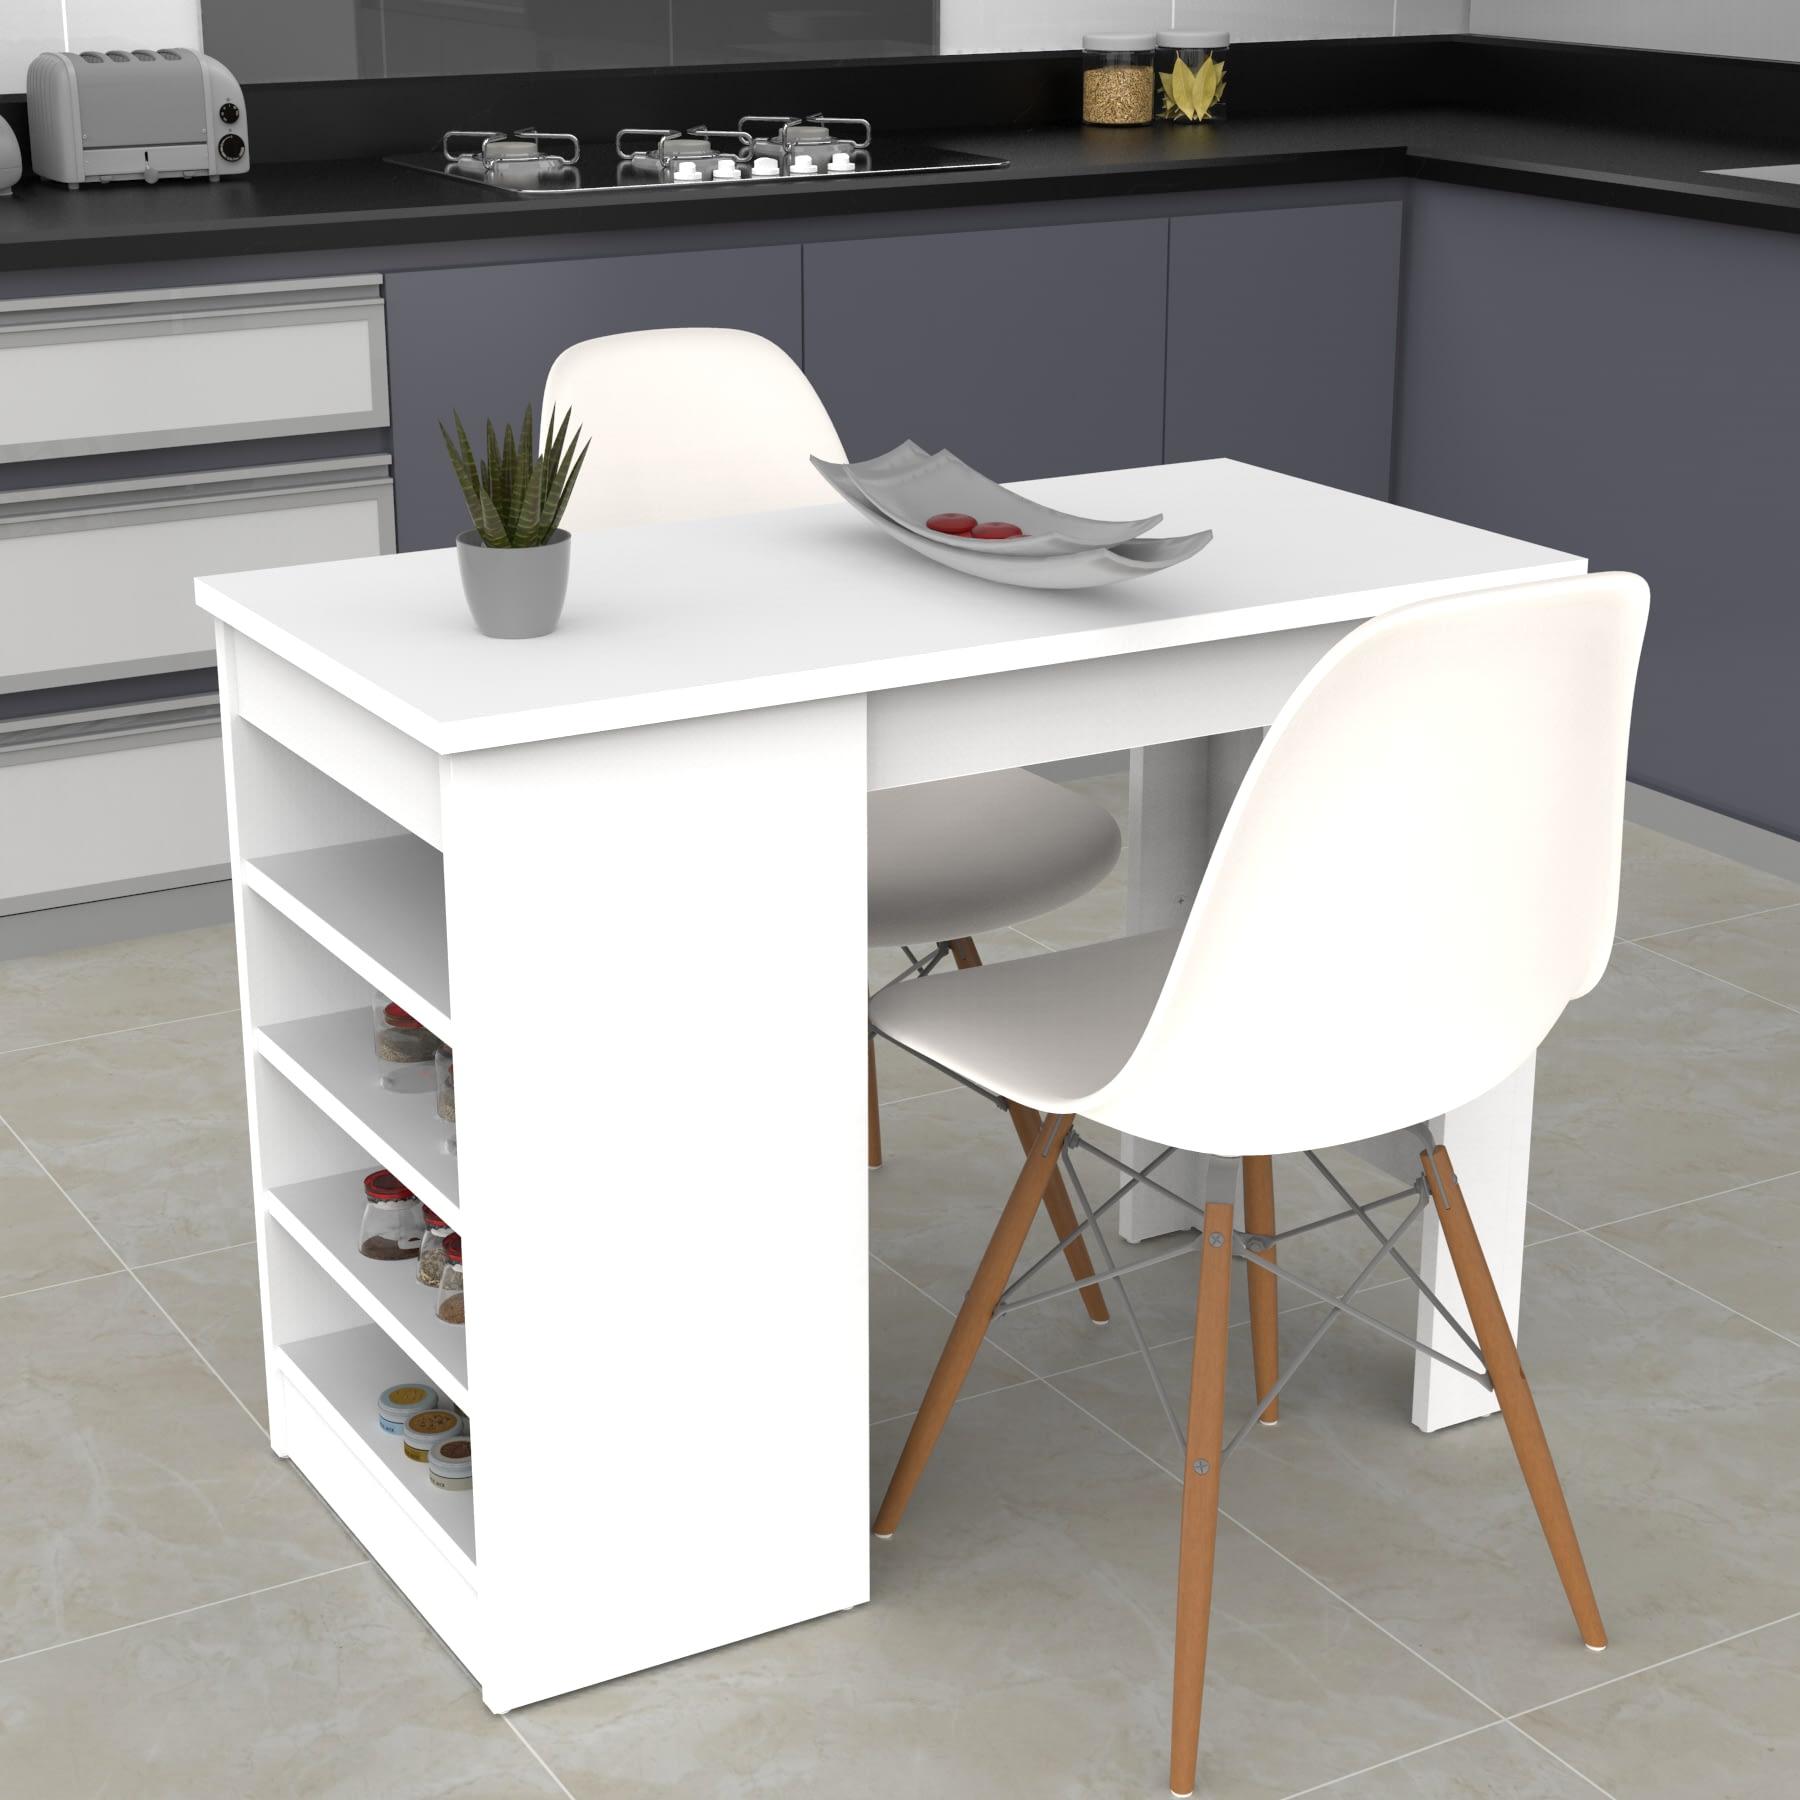 Mimilos M6 Kitchen Desk